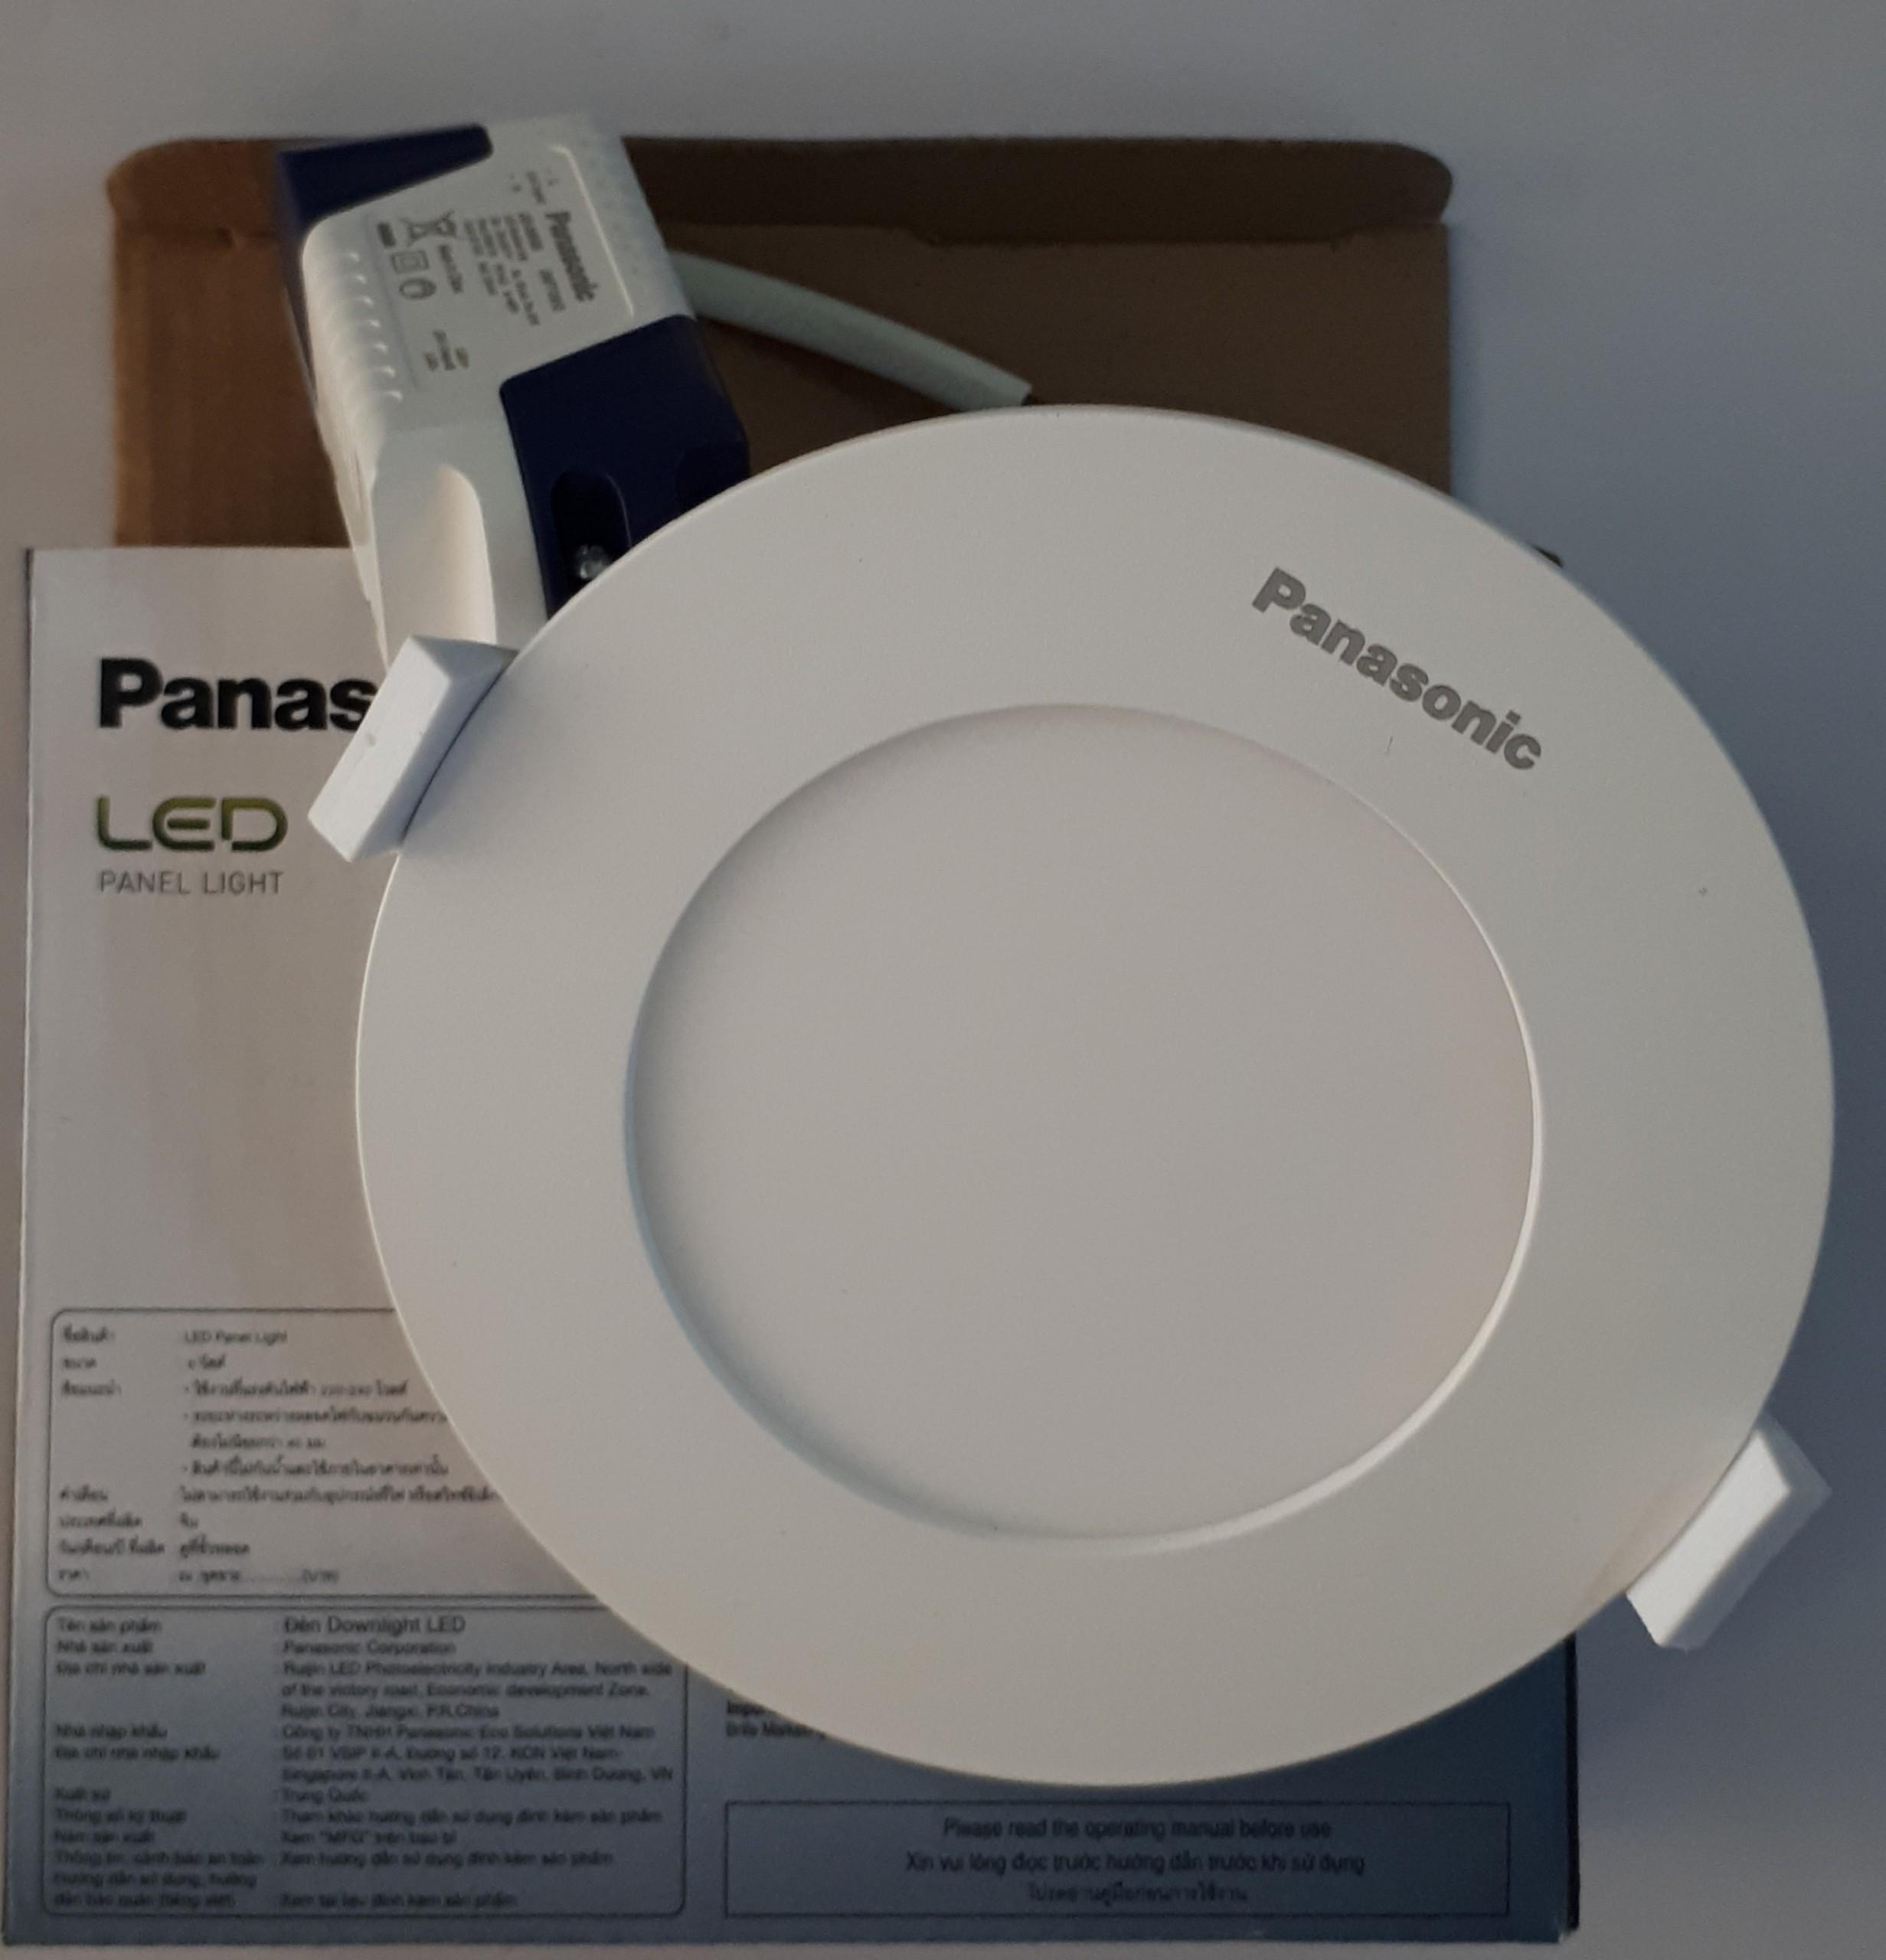 Đèn Downlight âm Trần 6W Panasonic Giá Tốt Không Nên Bỏ Qua